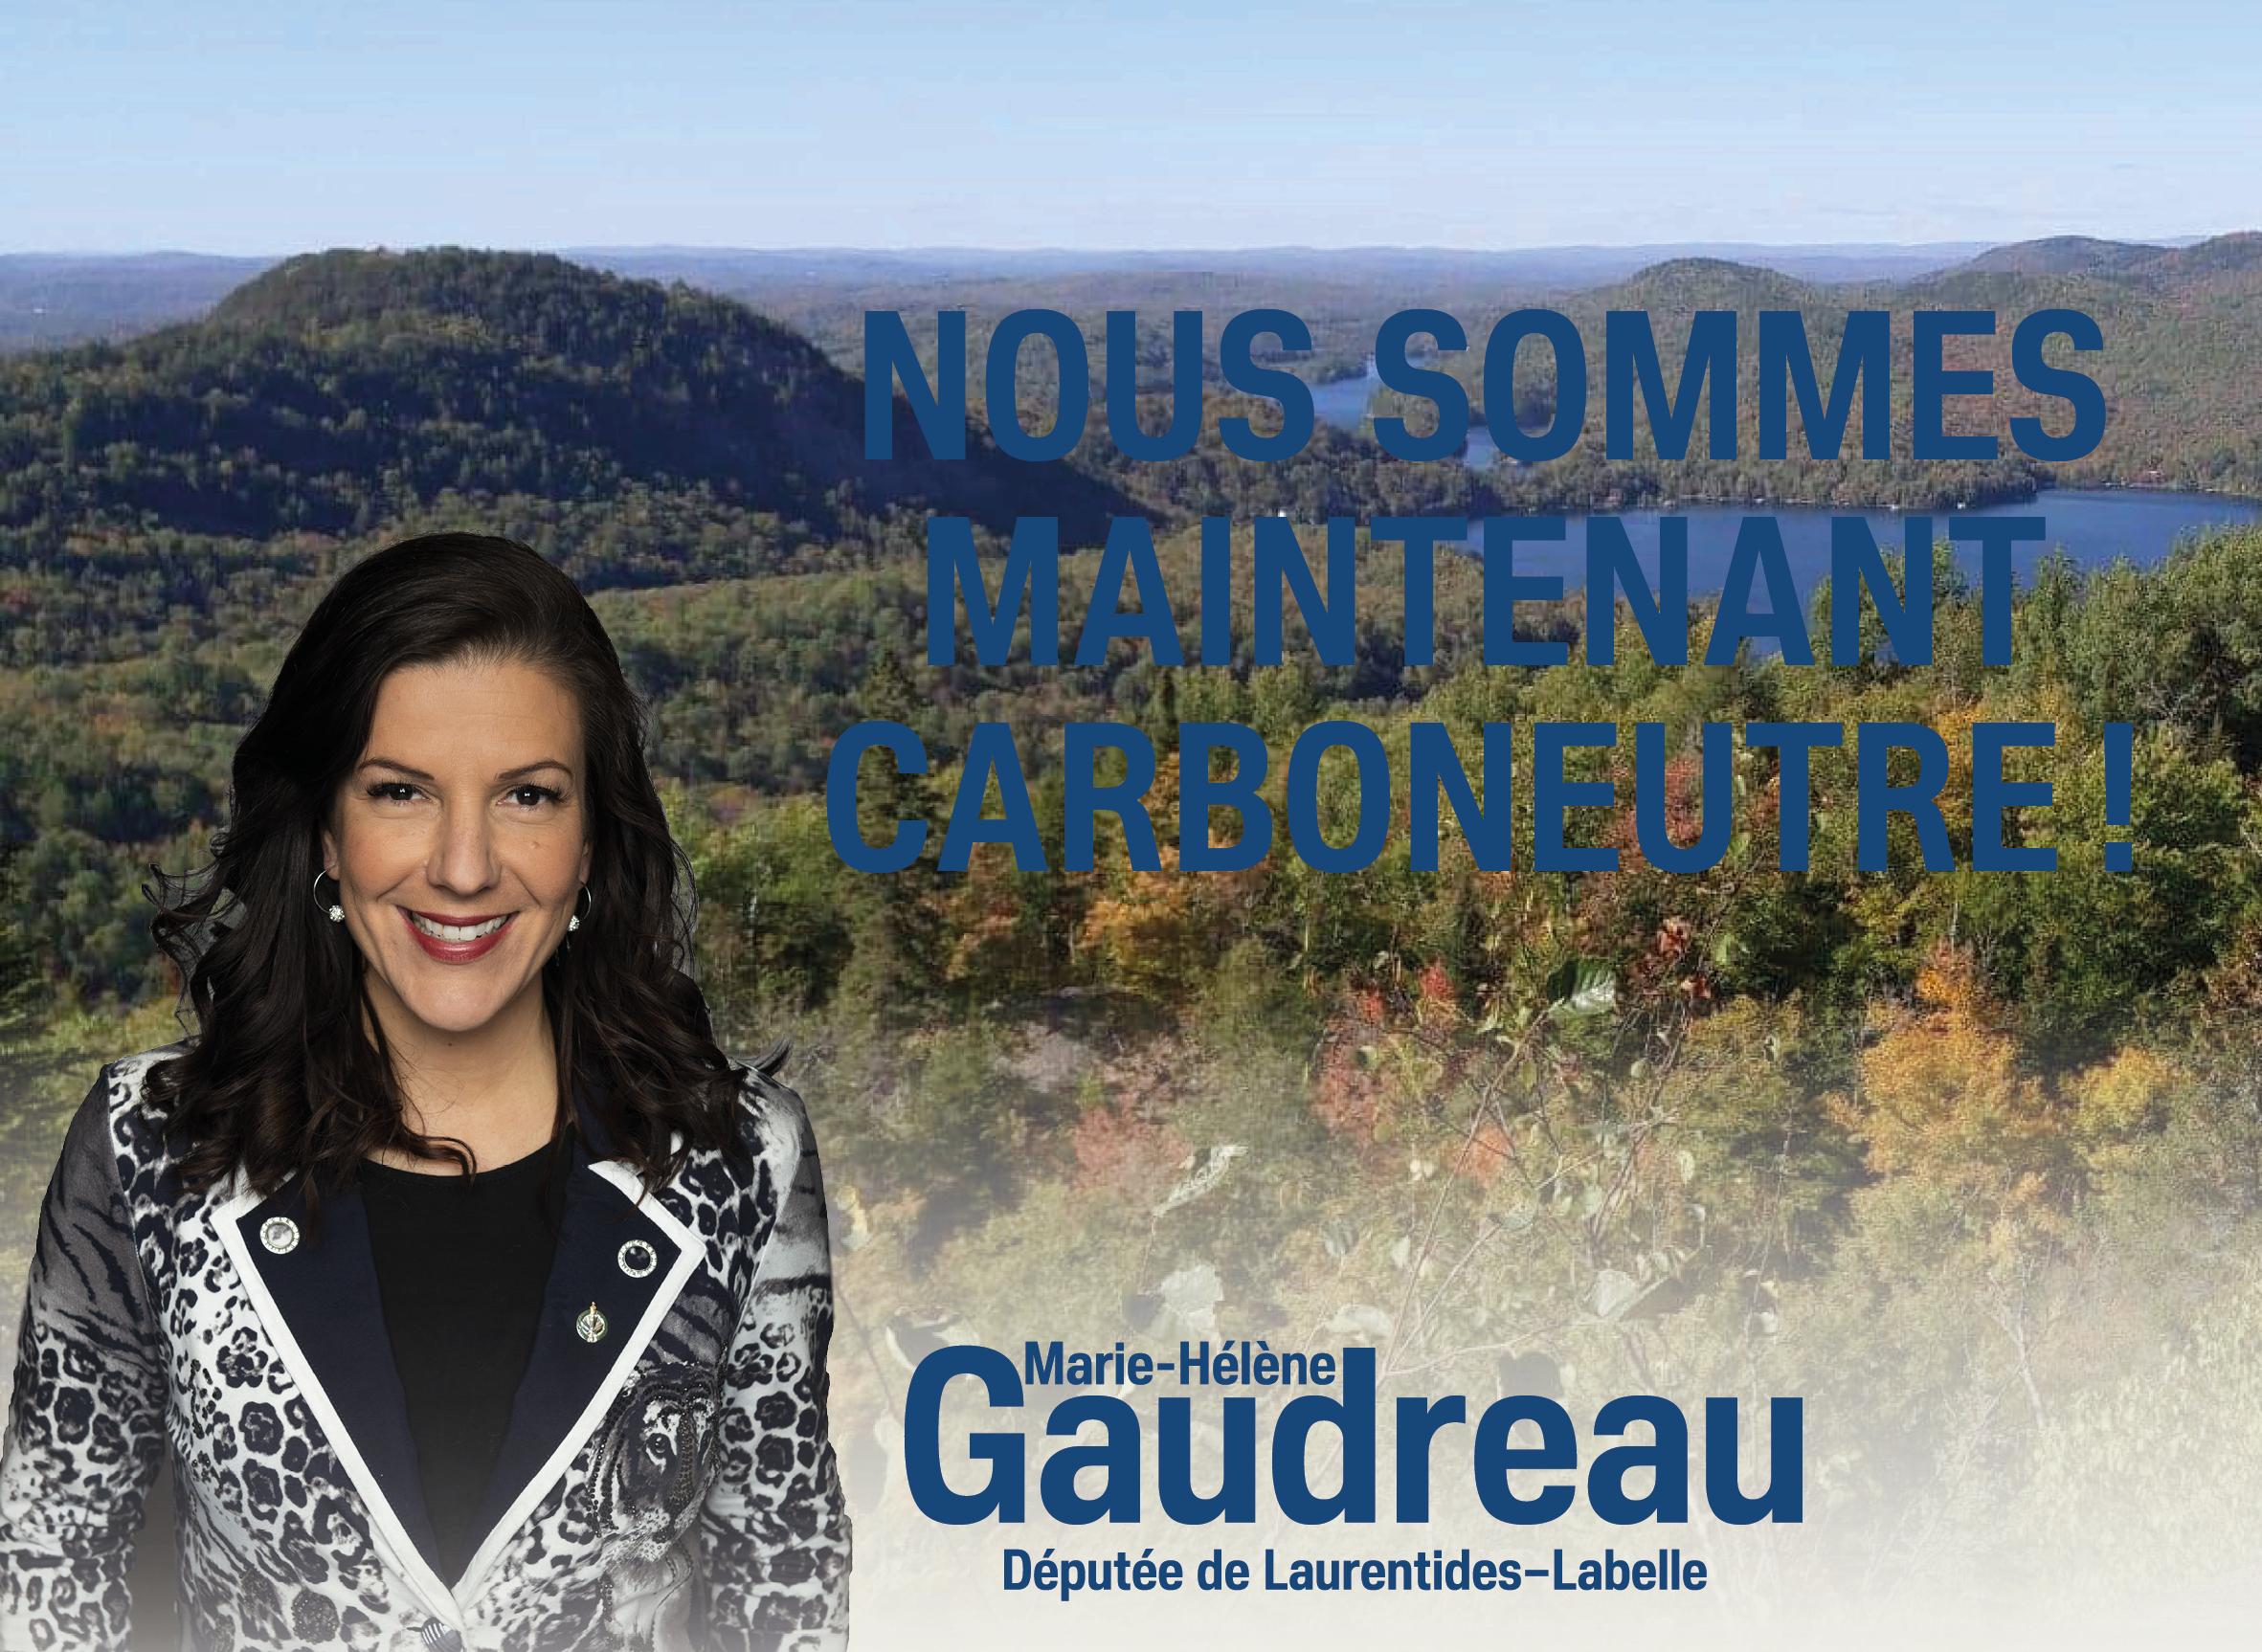 Marie-Hélène Gaudreau